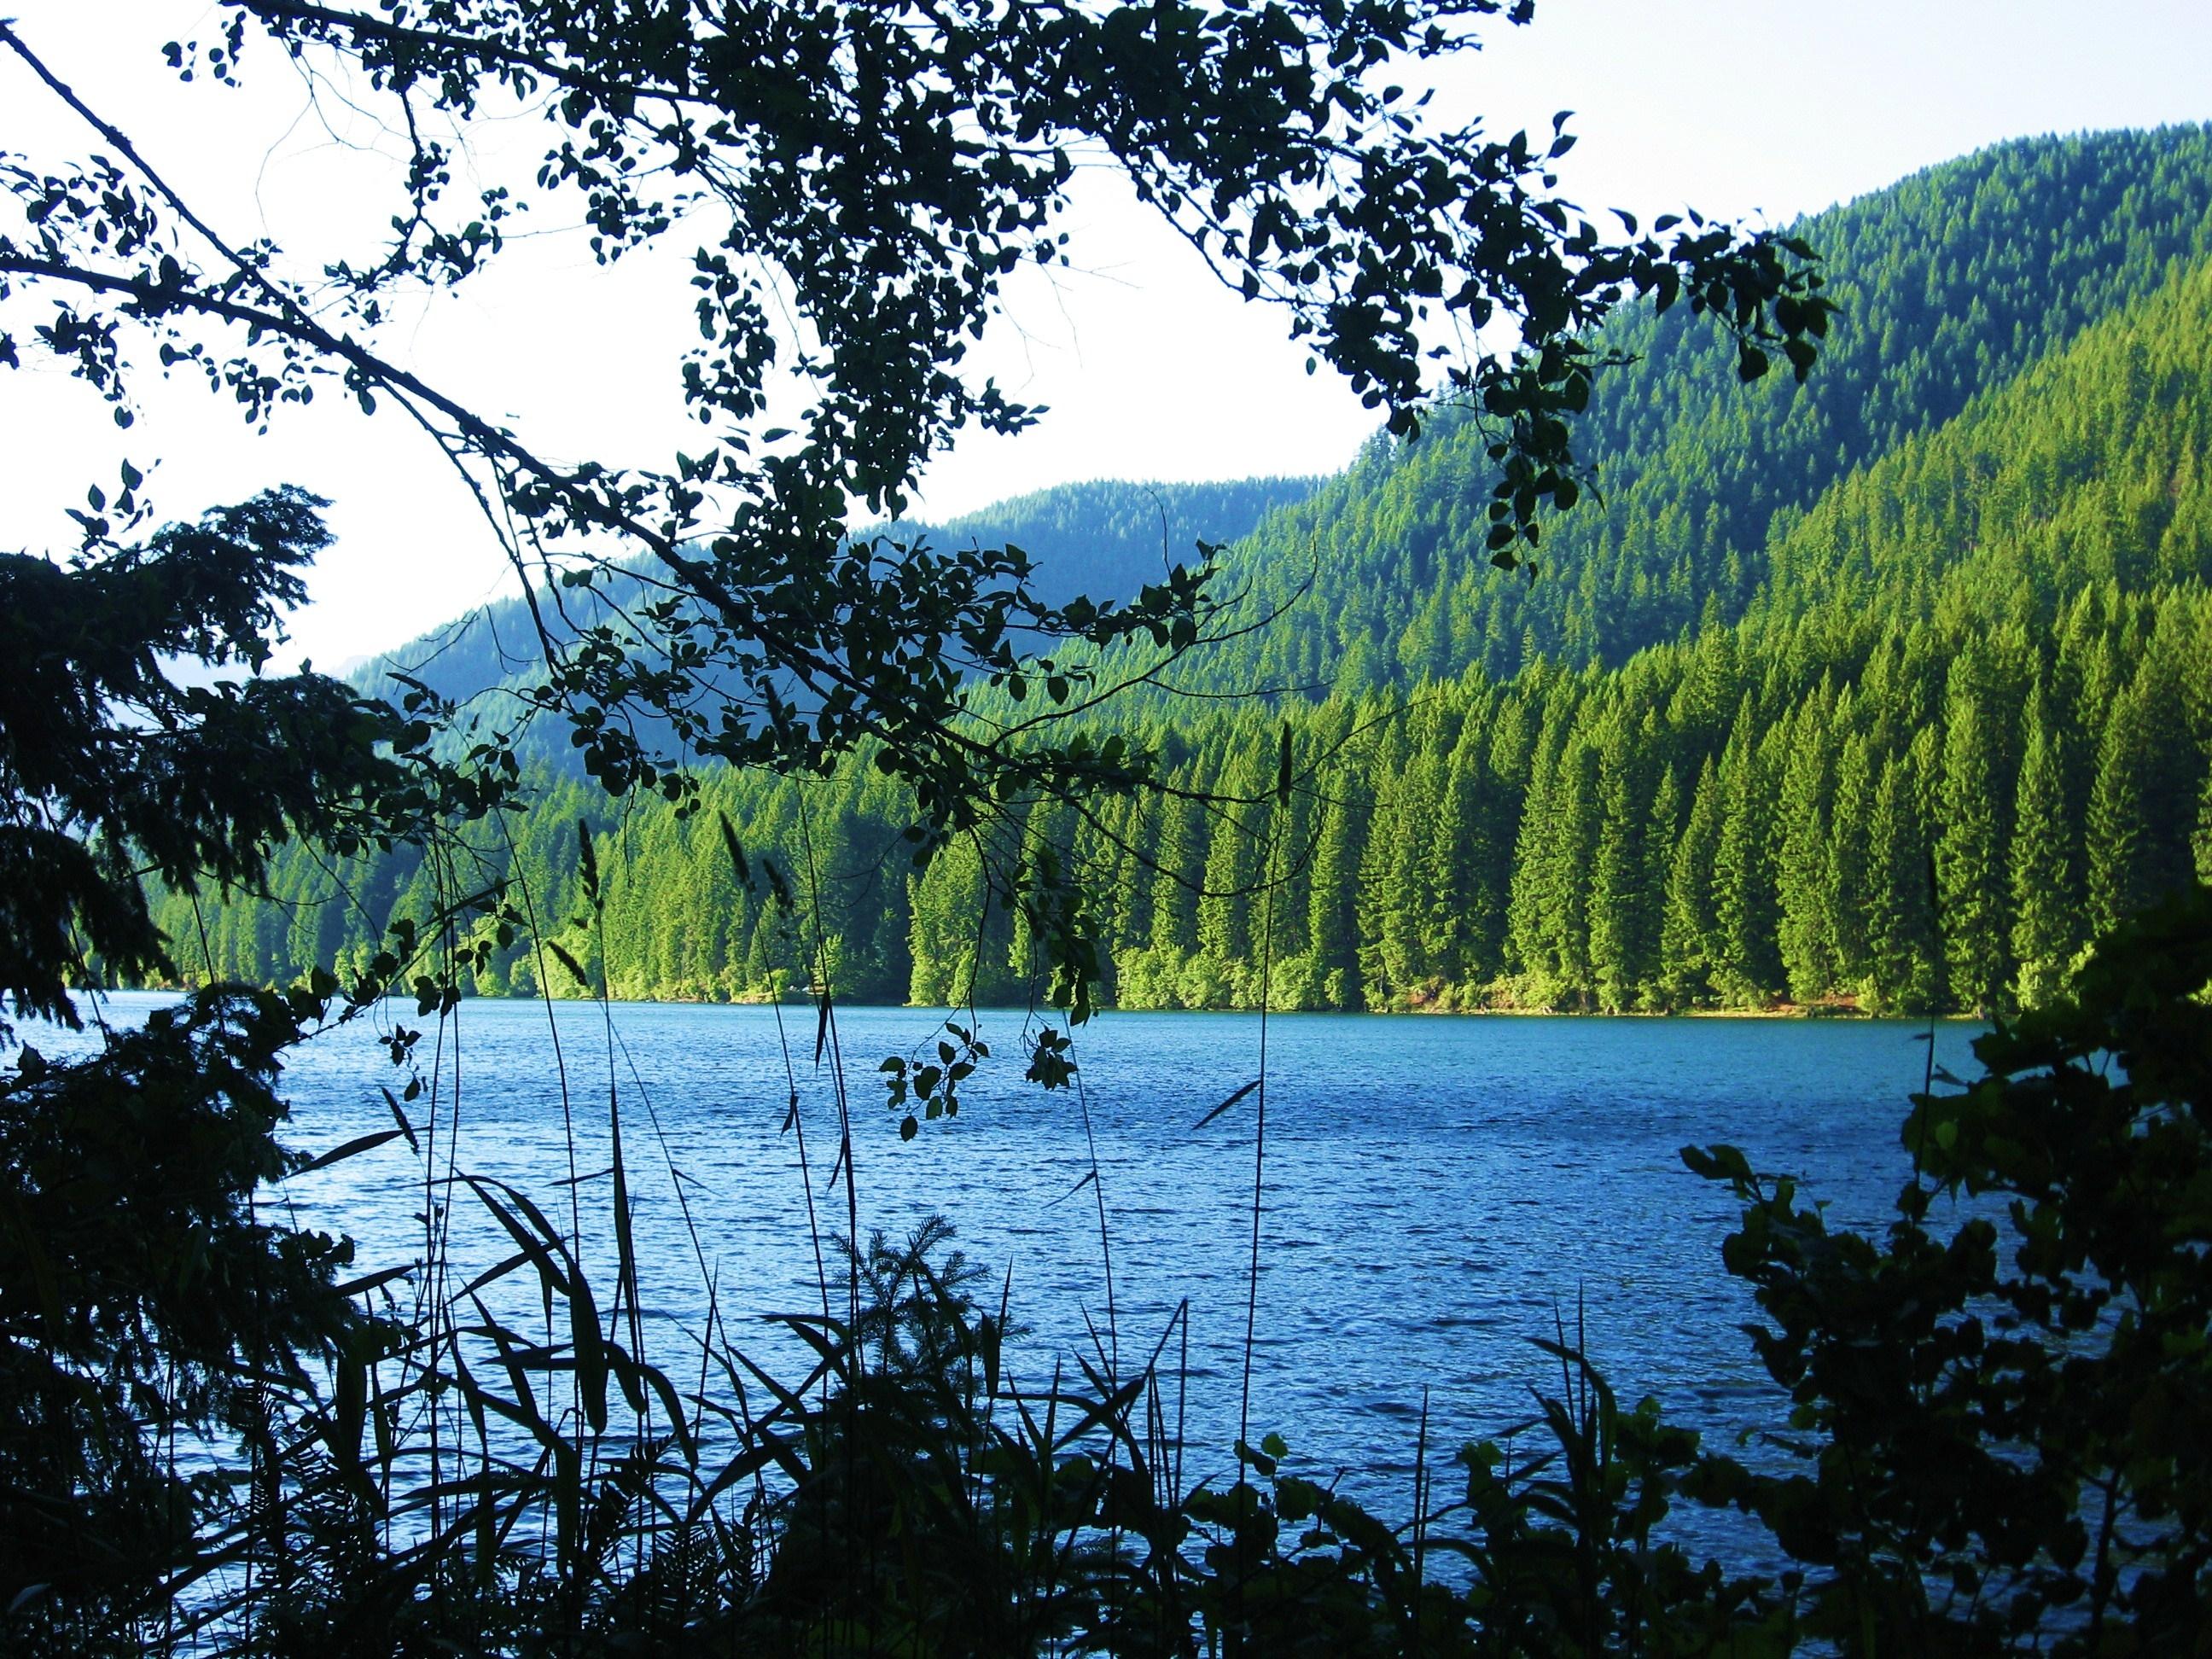 57573壁紙のダウンロード自然, 湖, 森林, 森, ブランチ, 枝, 山脈, 風景-スクリーンセーバーと写真を無料で